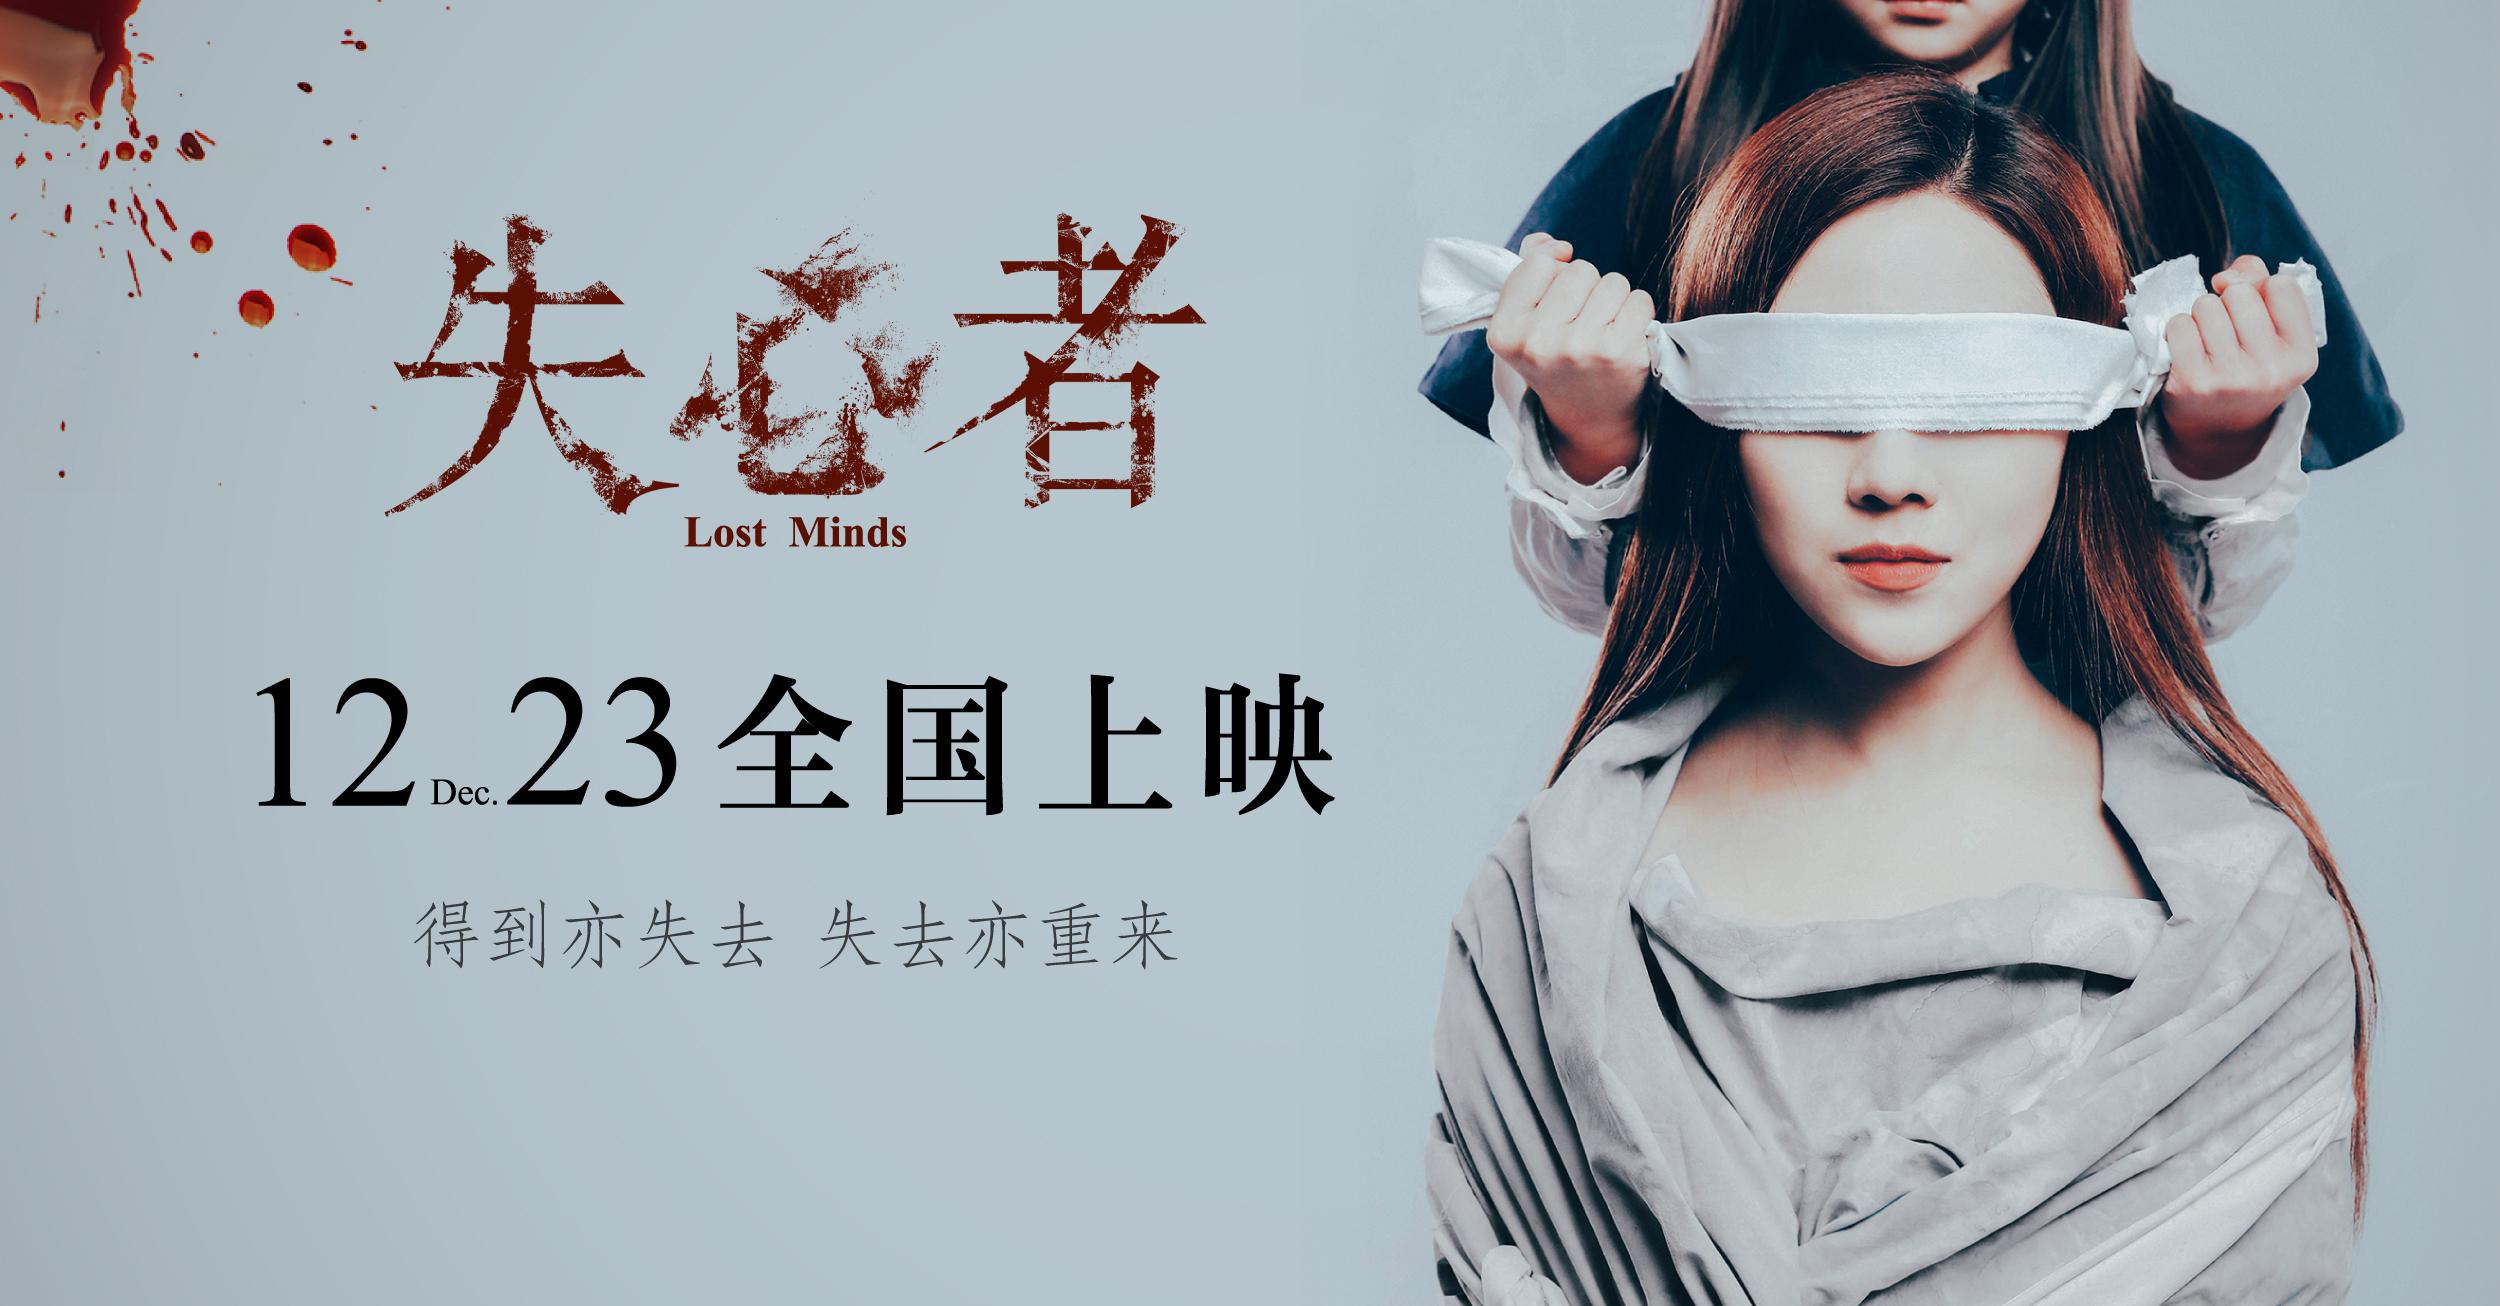 电影《失心者》23号全国首映.jpg